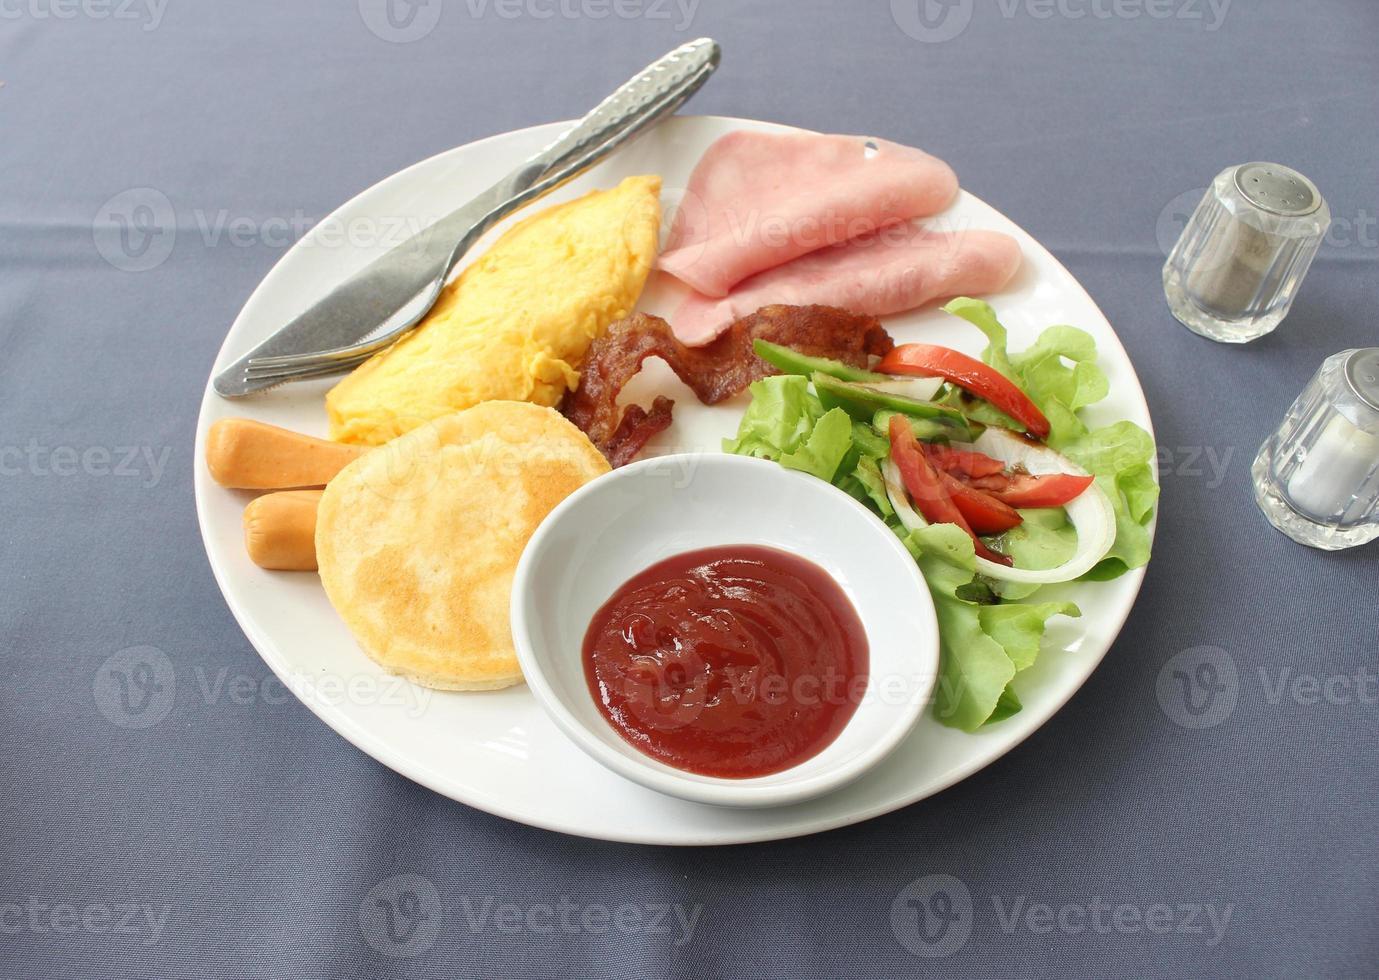 desayuno en un plato foto